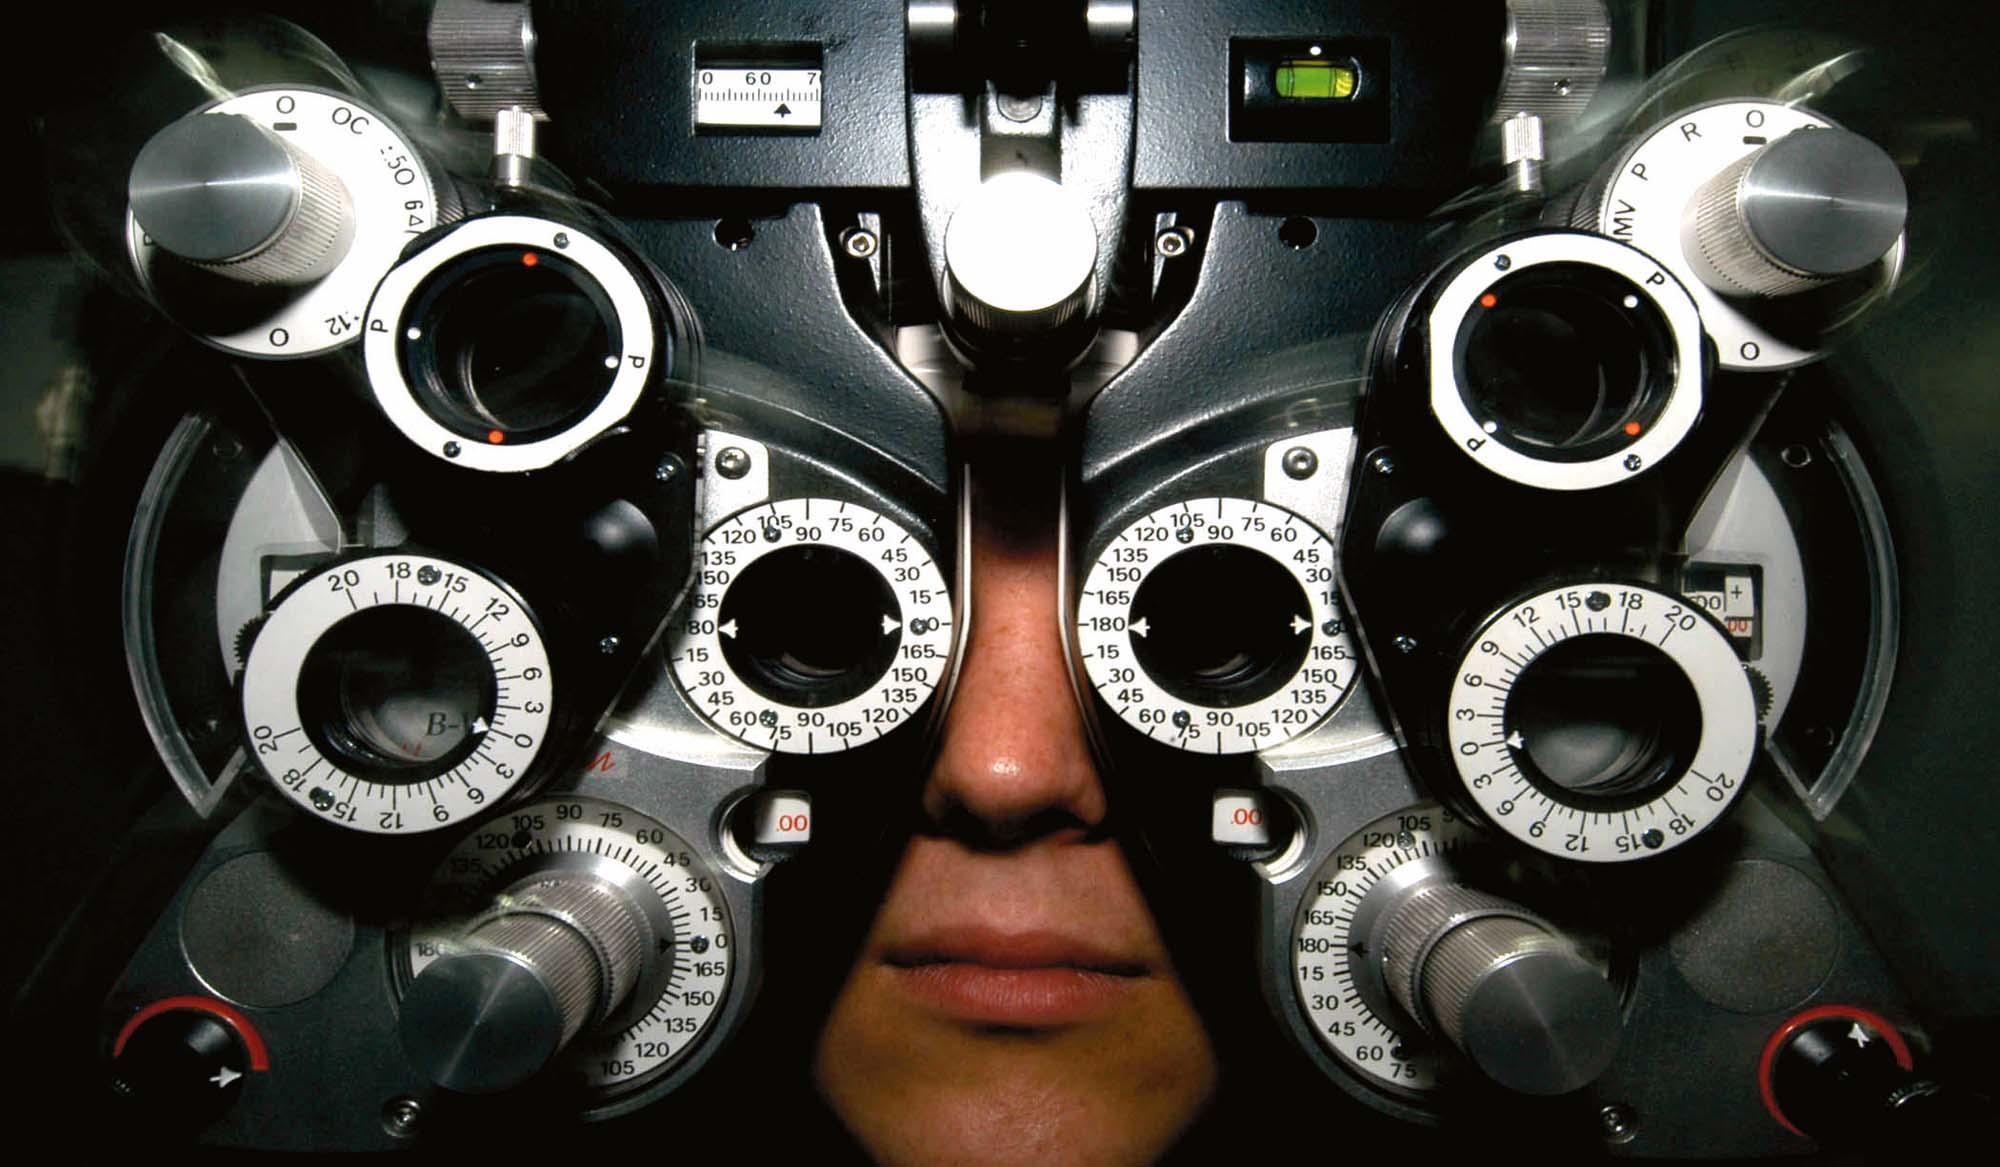 Proteggere gli occhi all4shooters for Occhiali da tiro a volo zeiss